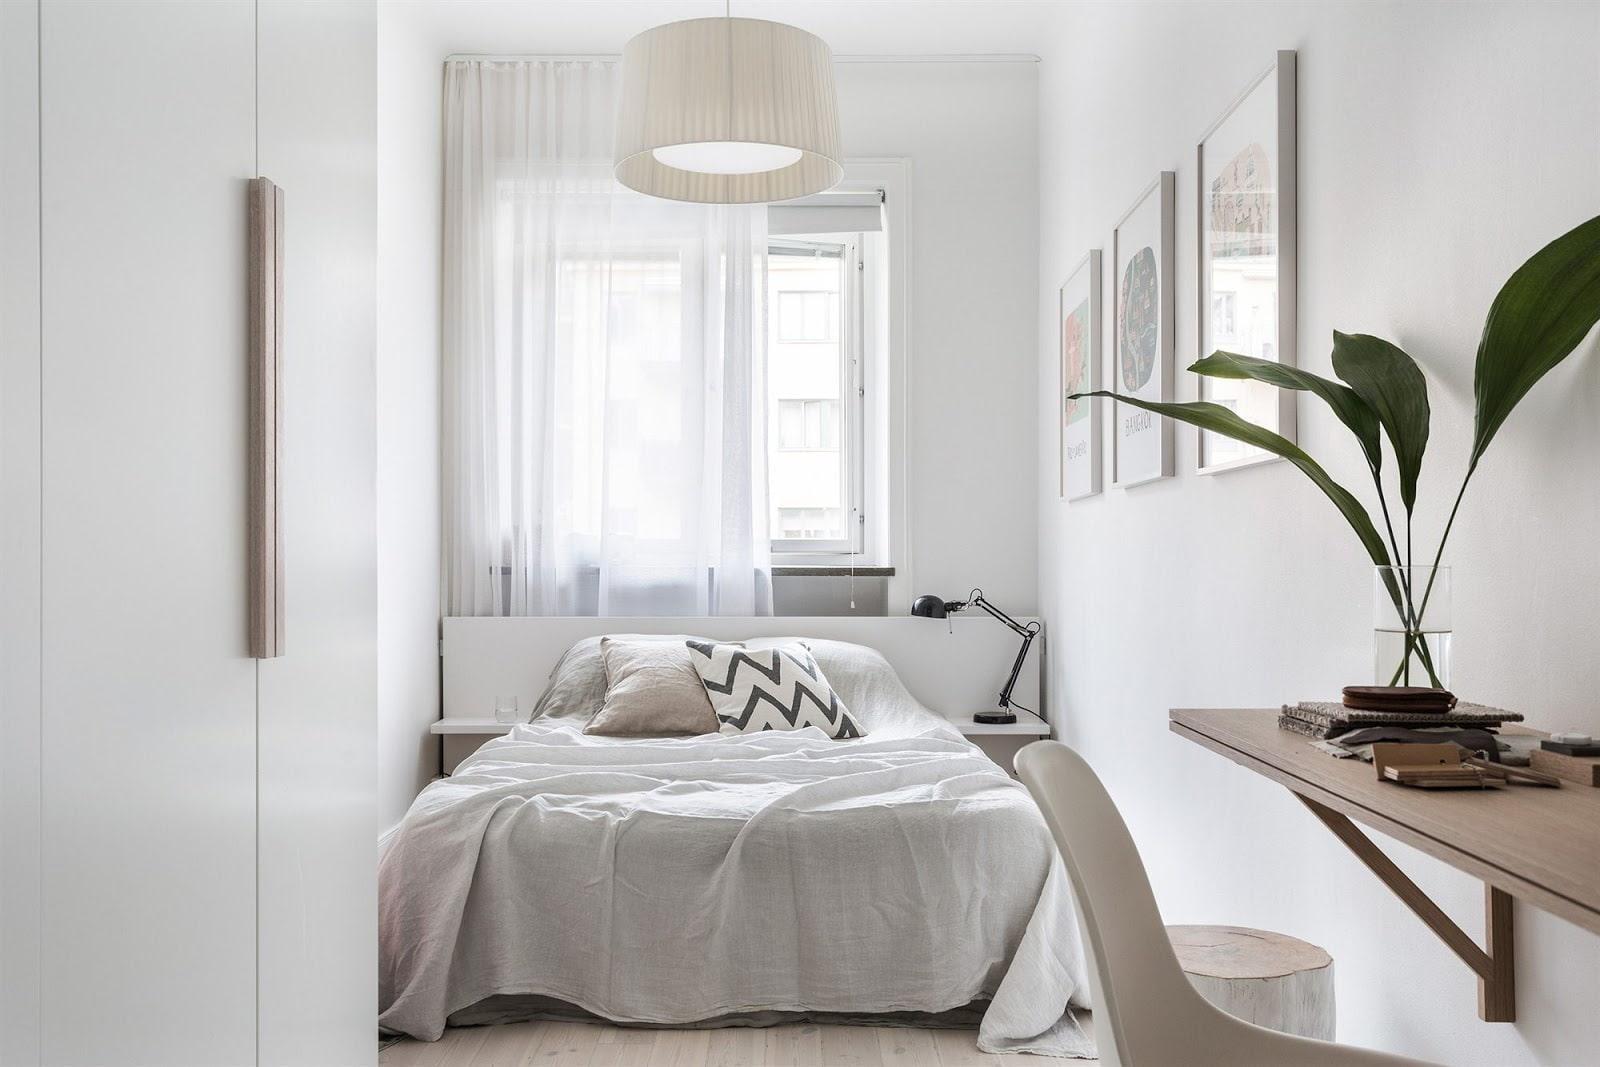 кровать изголовьем к окну фото дизайна